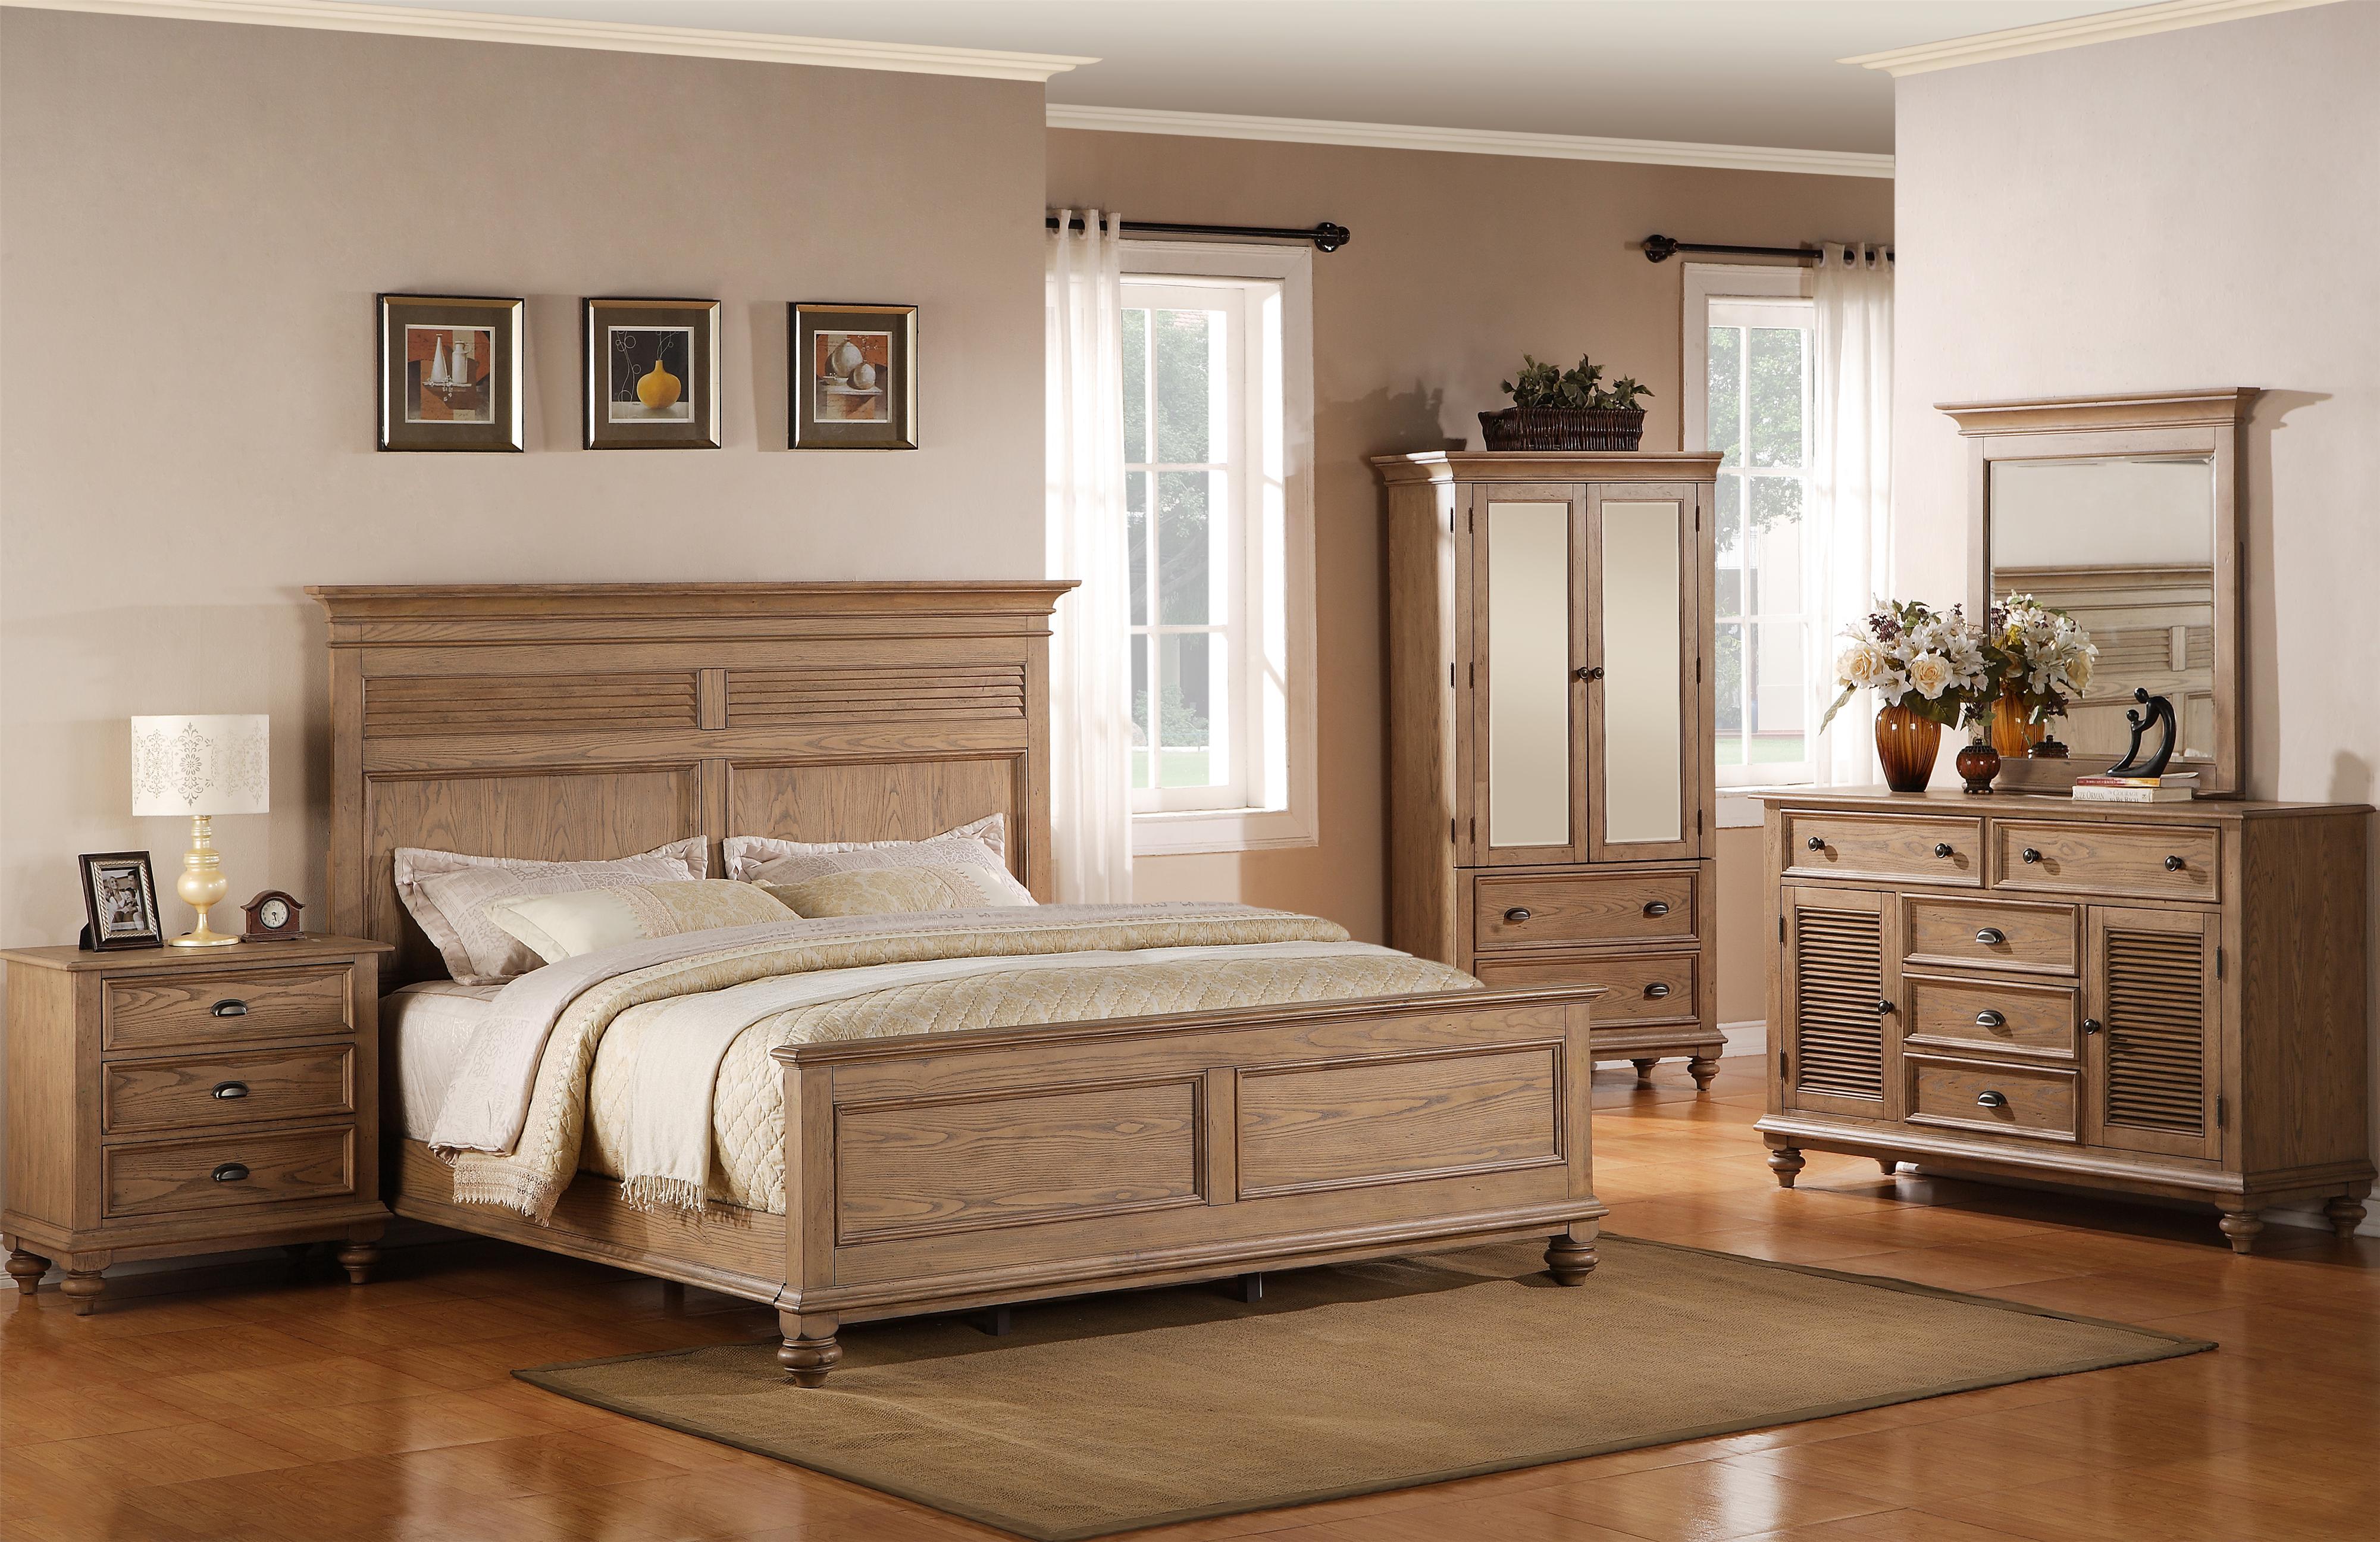 Gardiners Bedroom Furniture Bedroom Furniture Ideas